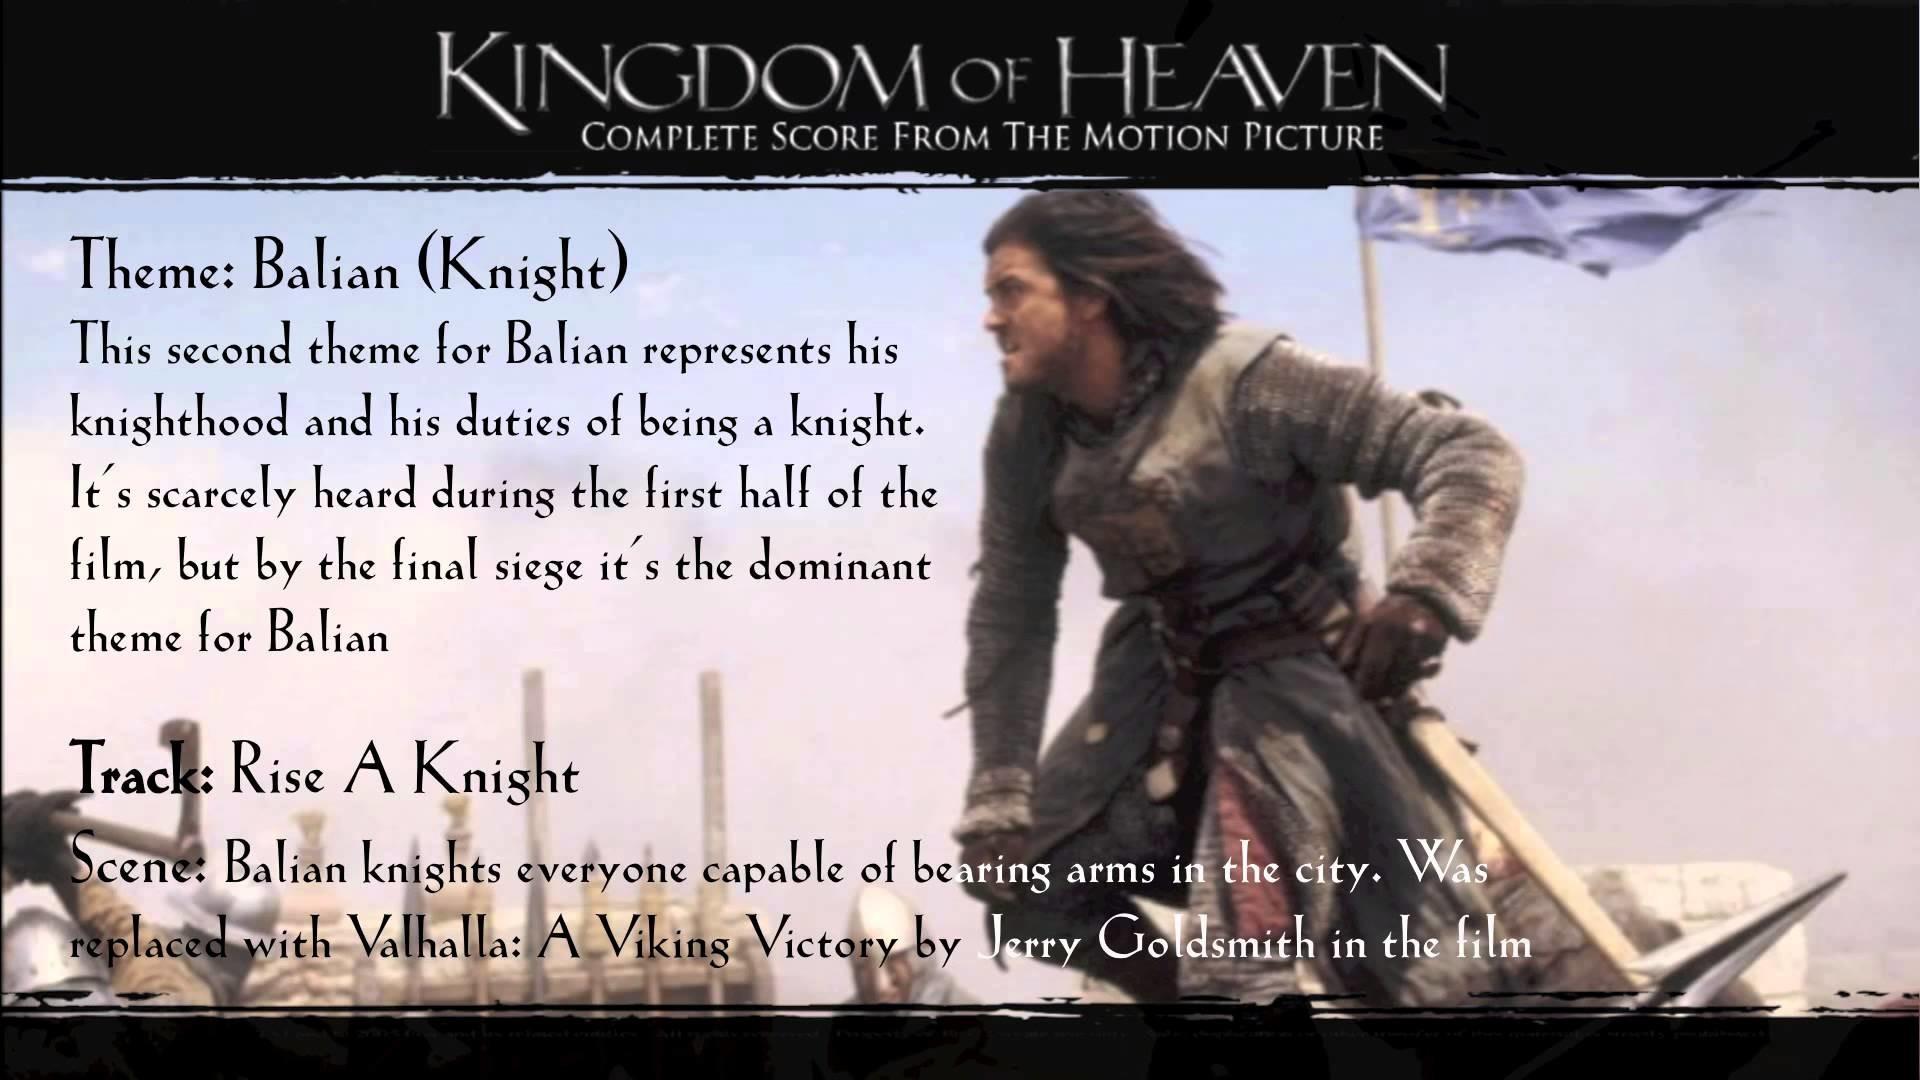 Kingdom of Heaven Soundtrack Themes – Balian (Knight)